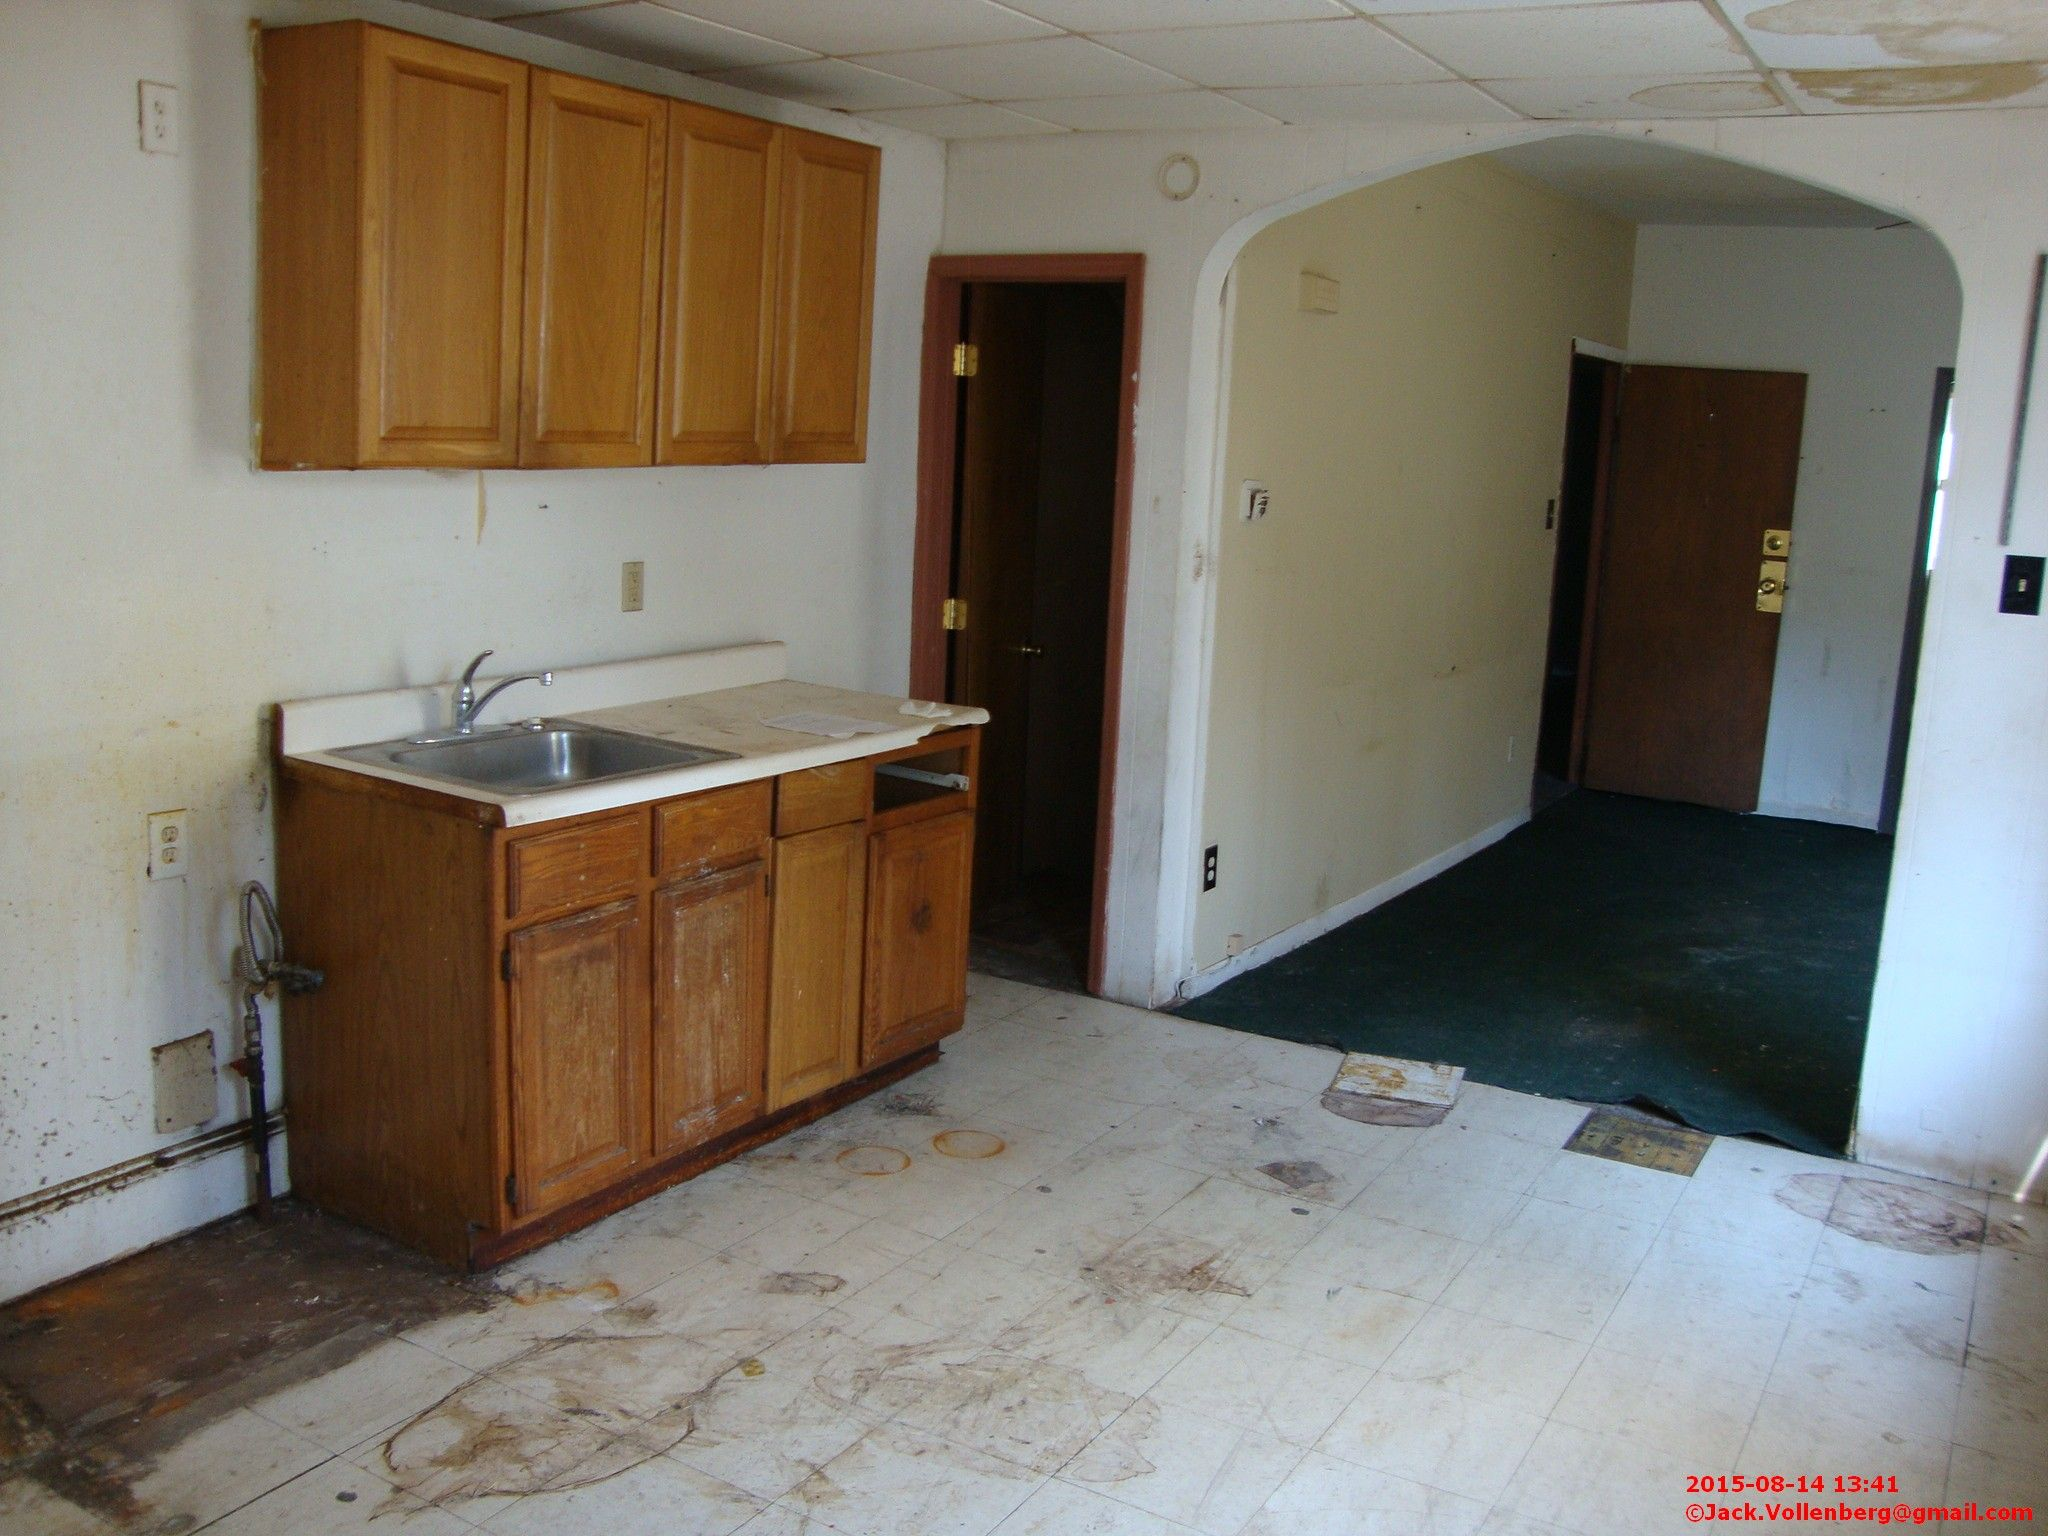 Ground Floor Kitchen | Kitchen flooring, Ground floor ...